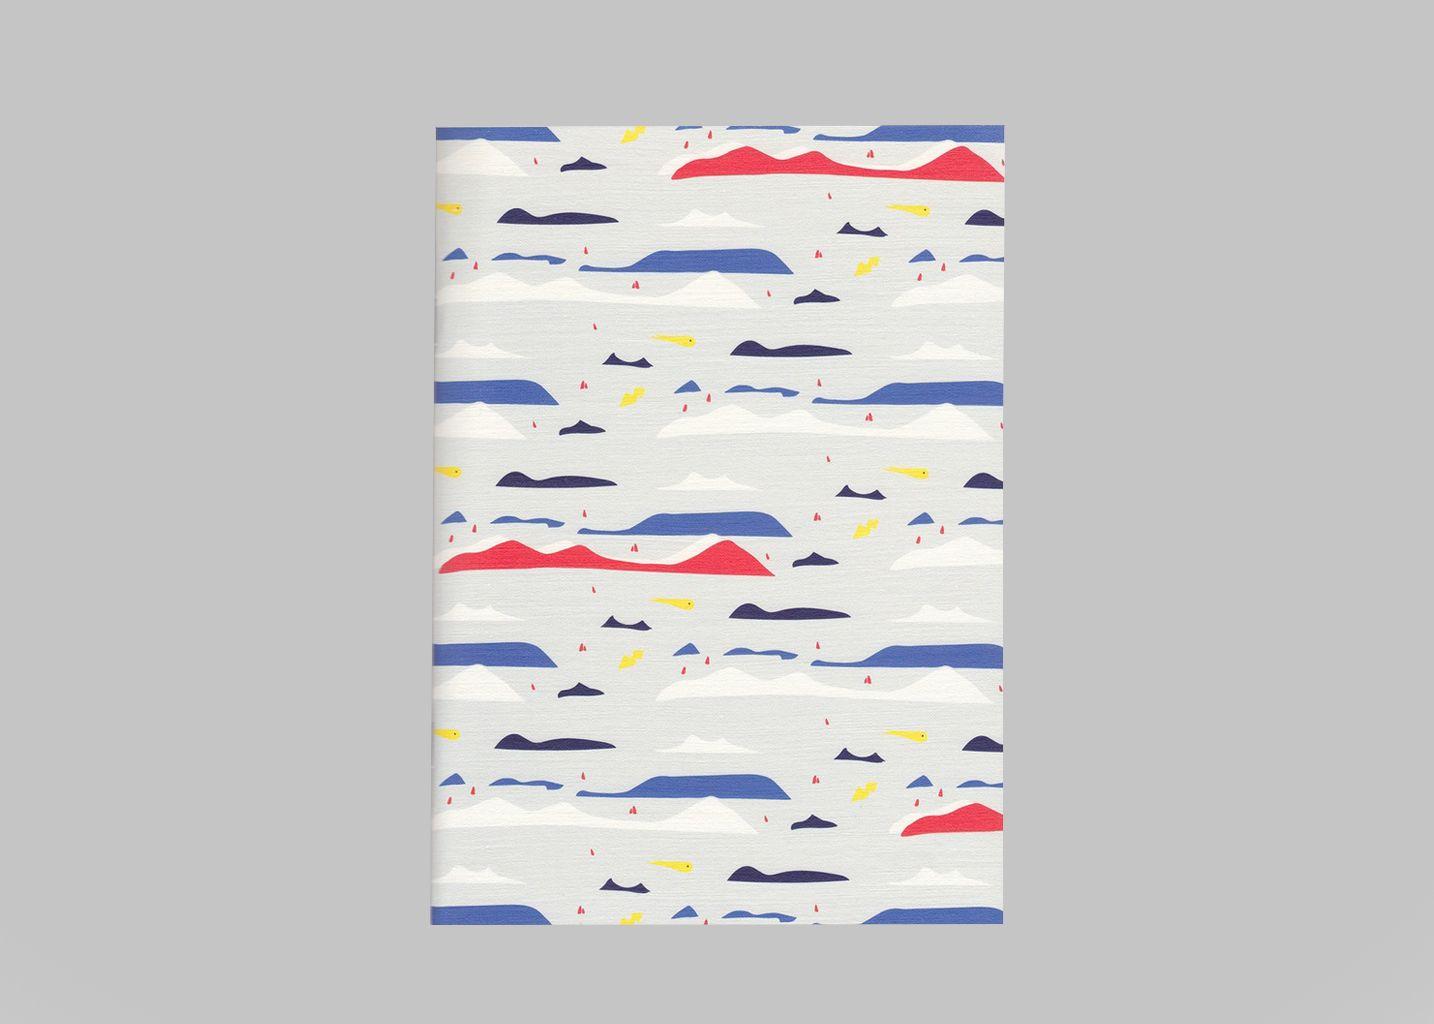 Cahier Archipel - Monsieur Papier